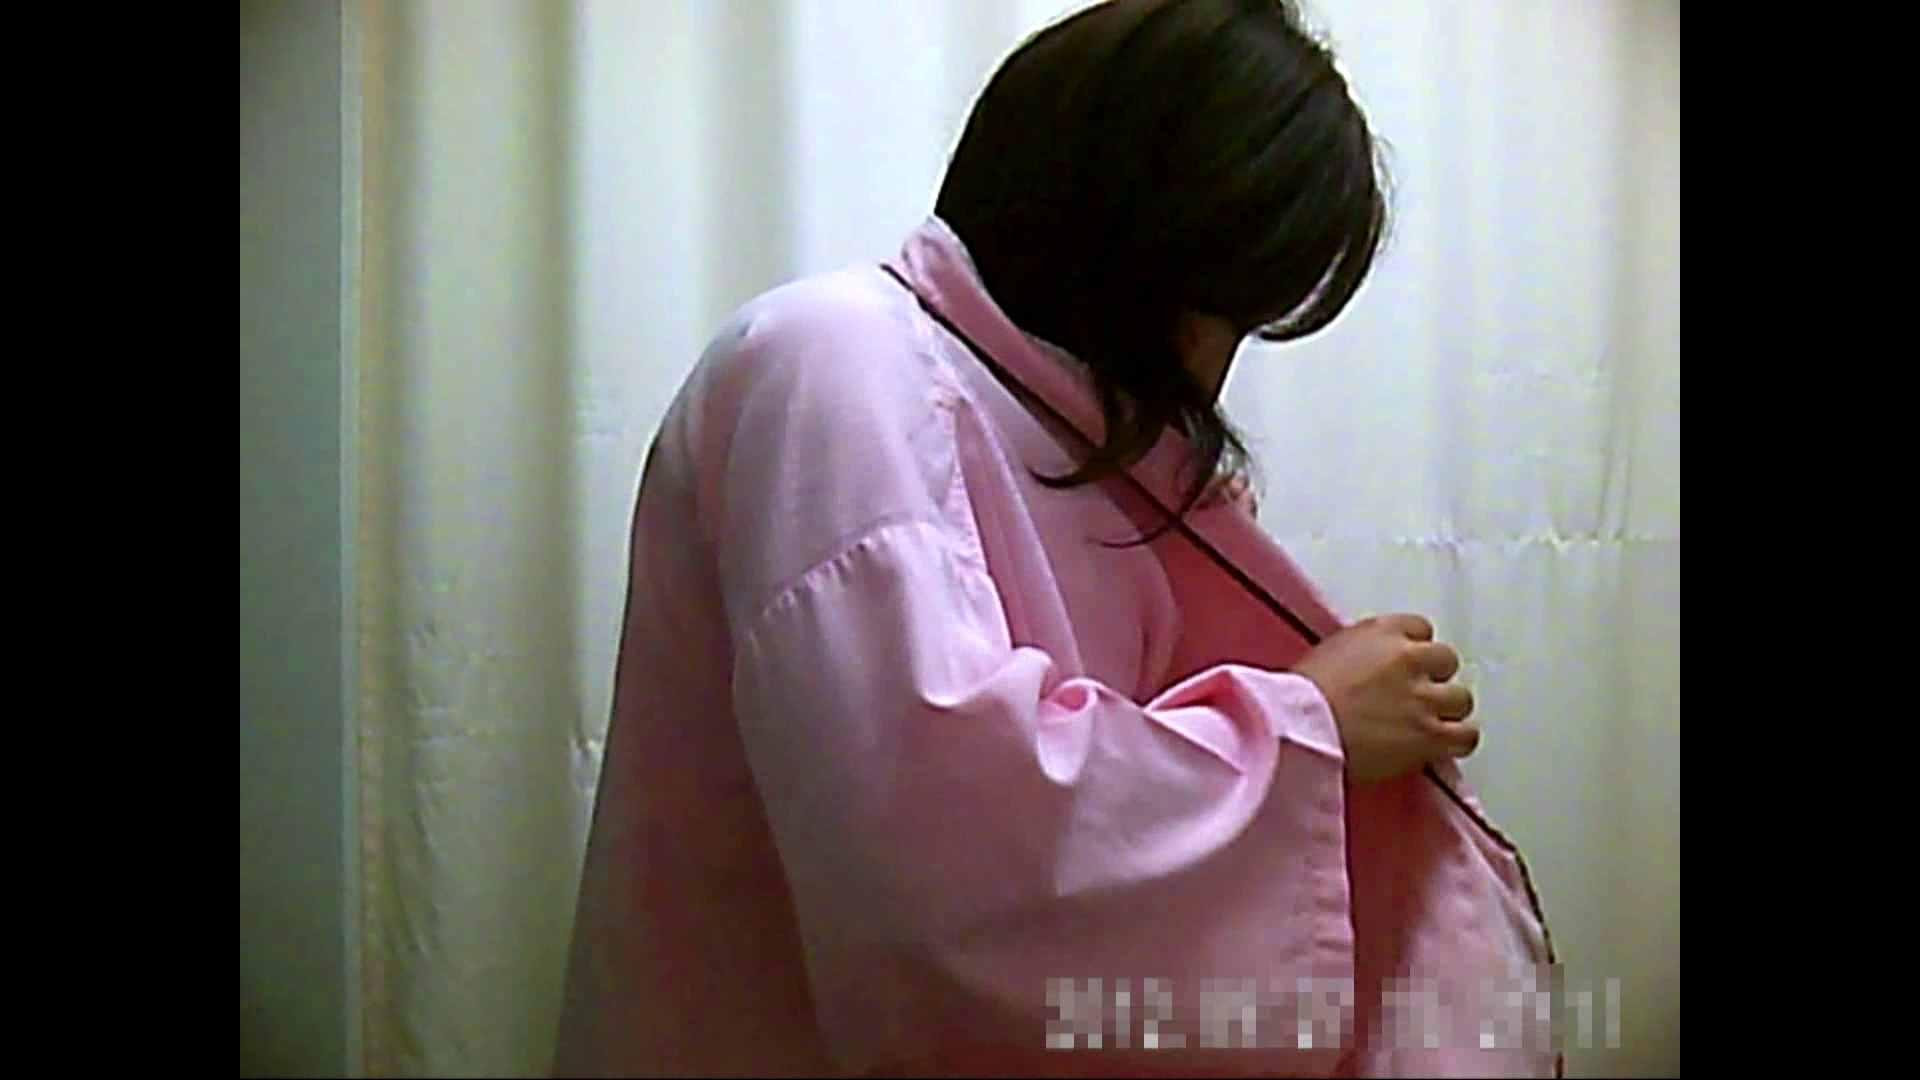 元医者による反抗 更衣室地獄絵巻 vol.077 OL | 0  25連発 2